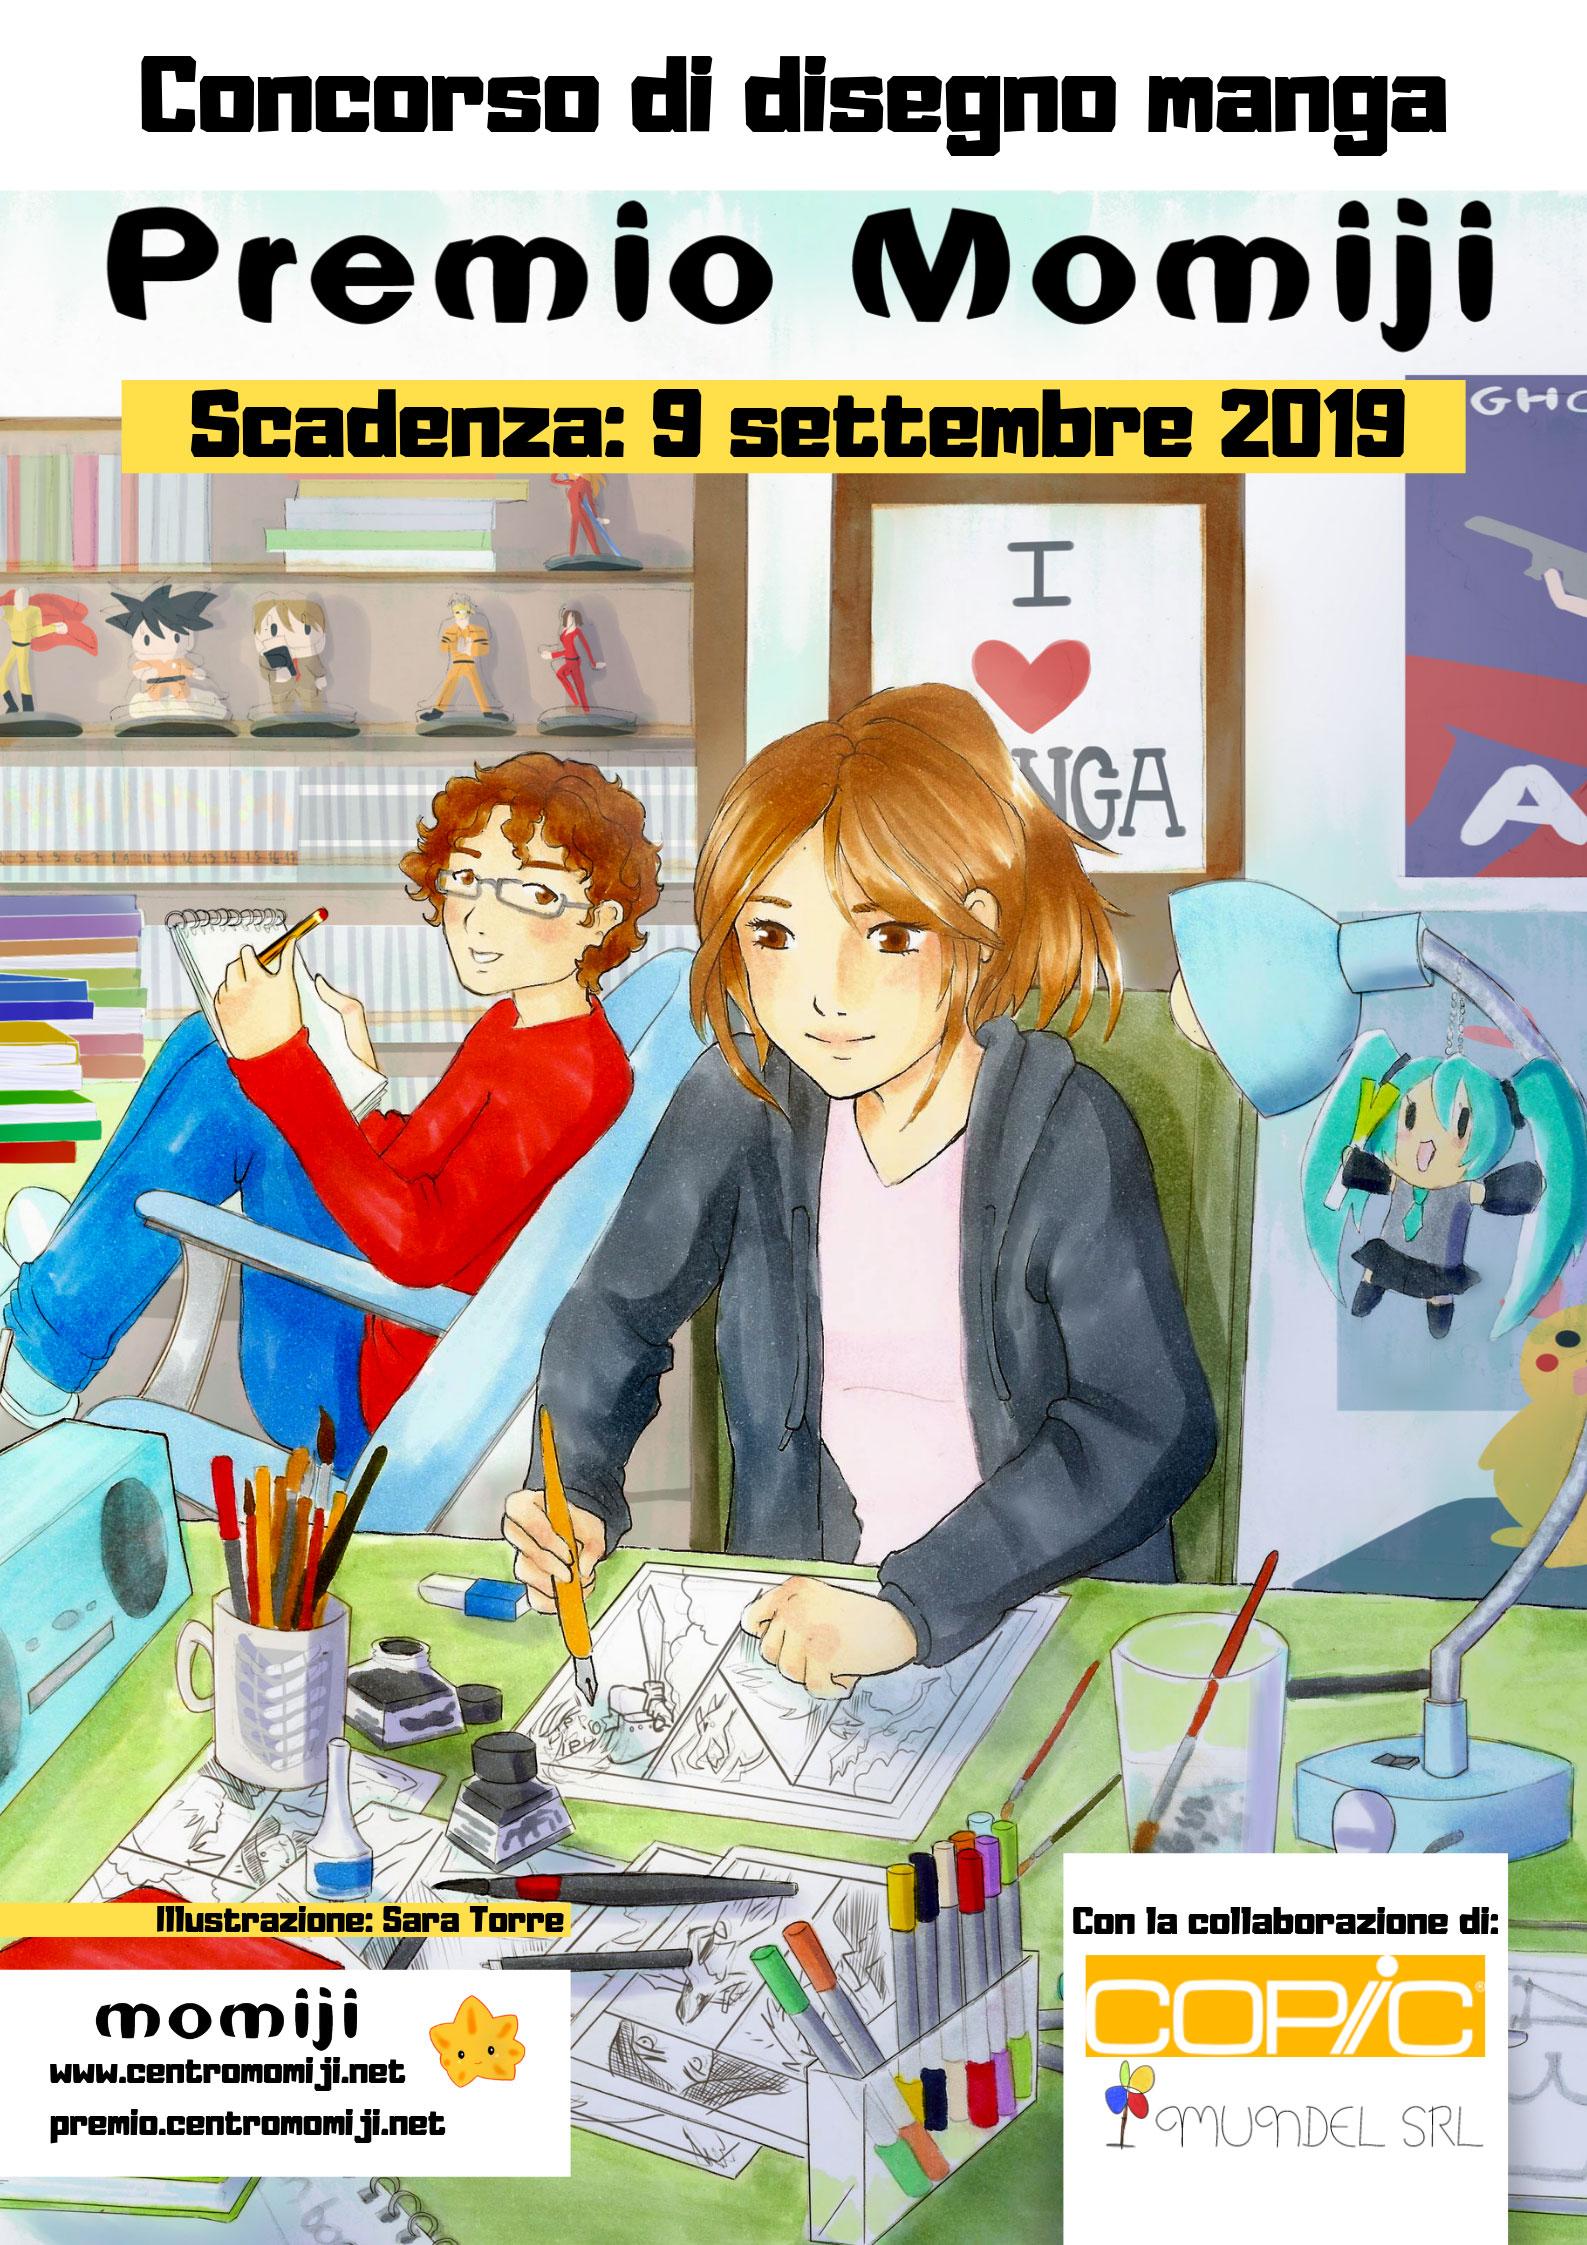 Momiji, centro di lingua e cultura giapponese annuncia la prima edizione del Premio Momiji dedicato ai giovani talenti italiani del manga.